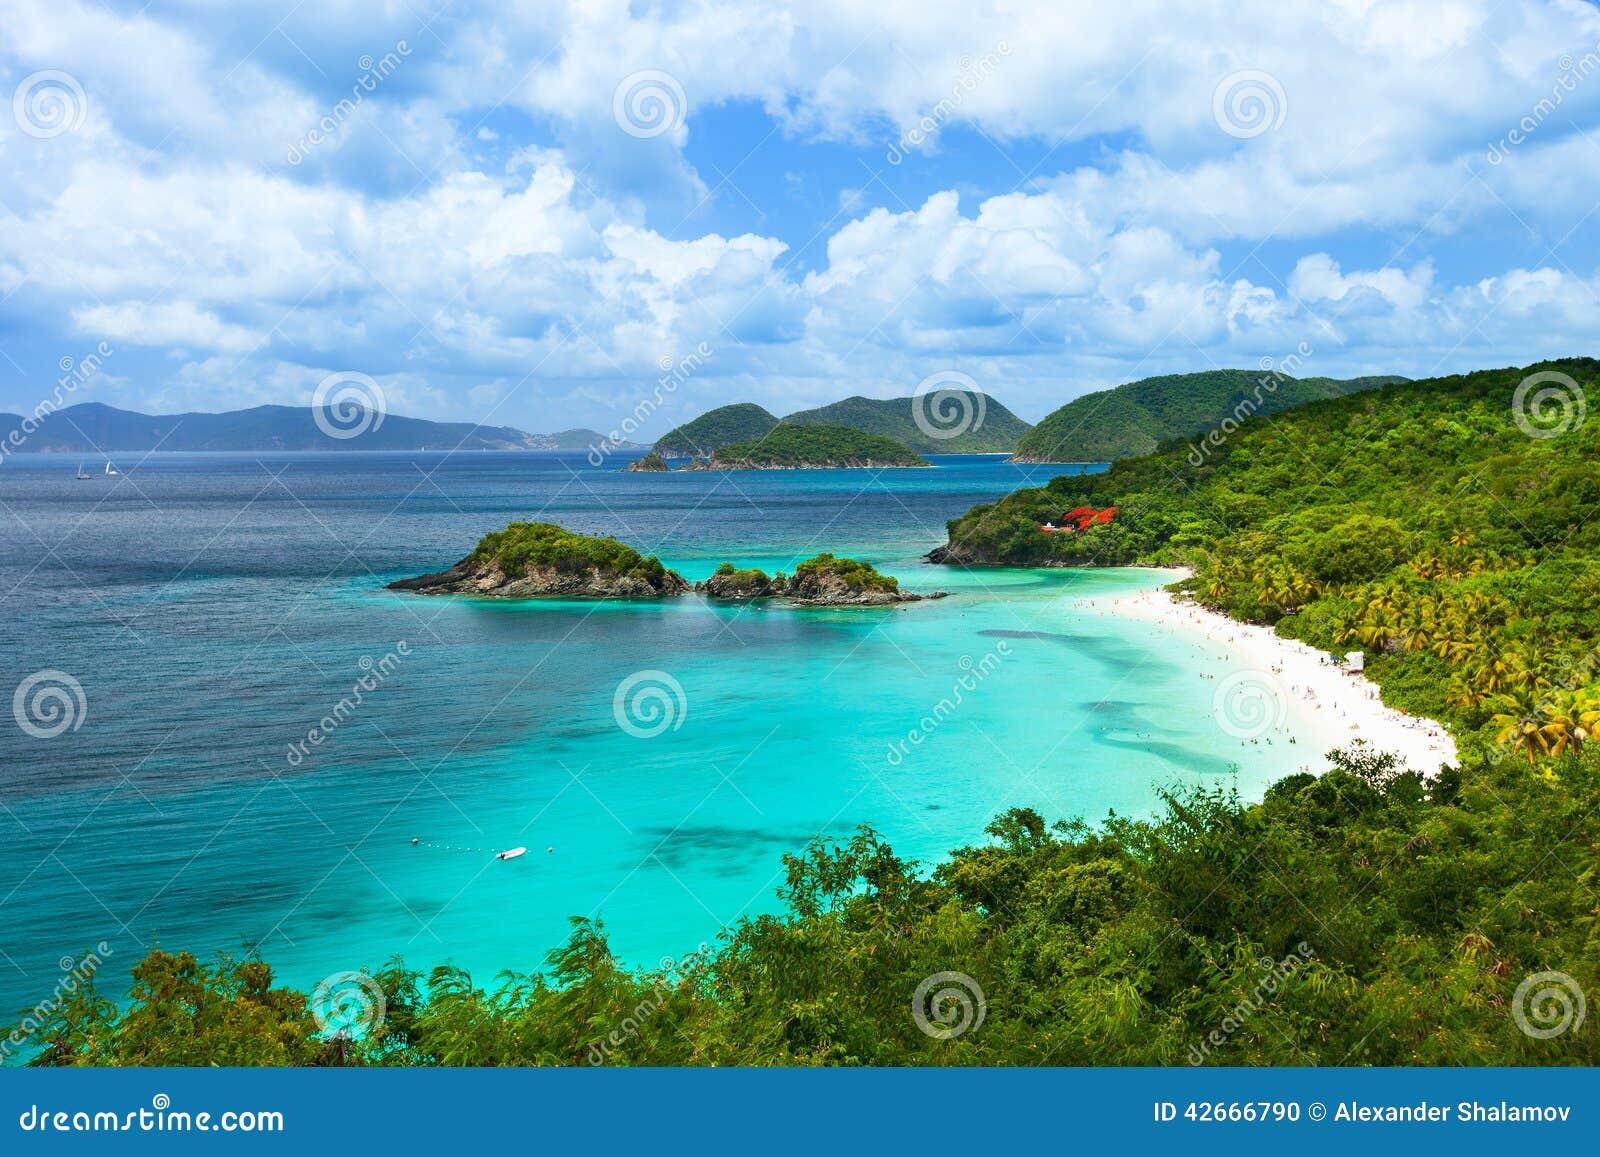 Hoteles todo incluido en Saint Thomas y Saint John, Islas